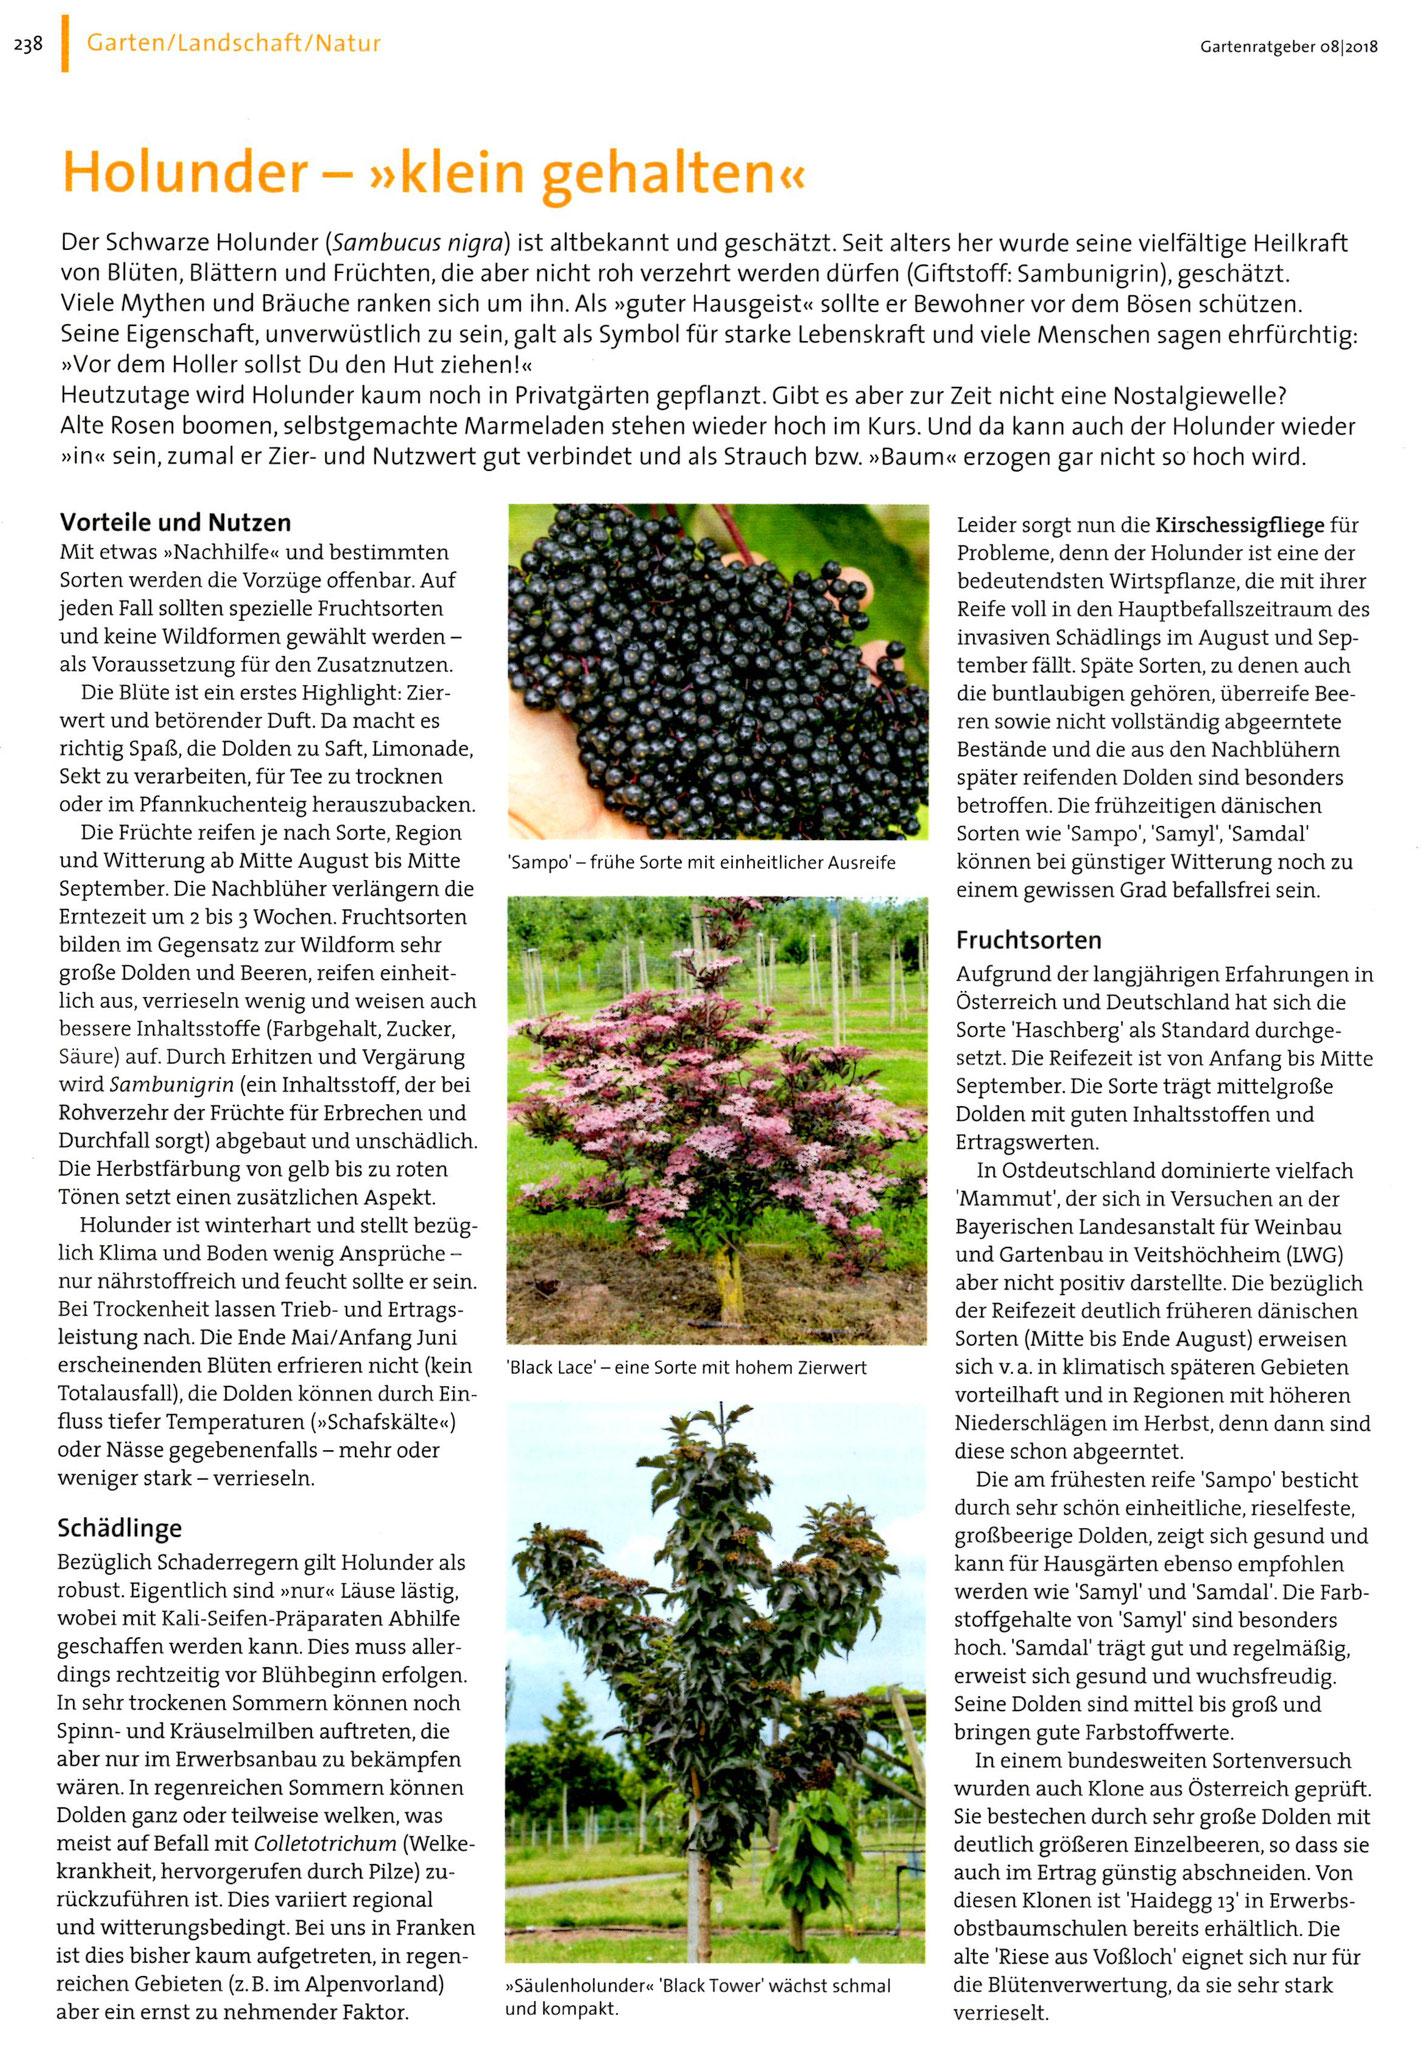 Quelle: Der praktische Gartenratgeber Ausgabe 8|2018 / Herausgeber Bayerischer Landesverband für Gartenbau und Landespflege e.V.